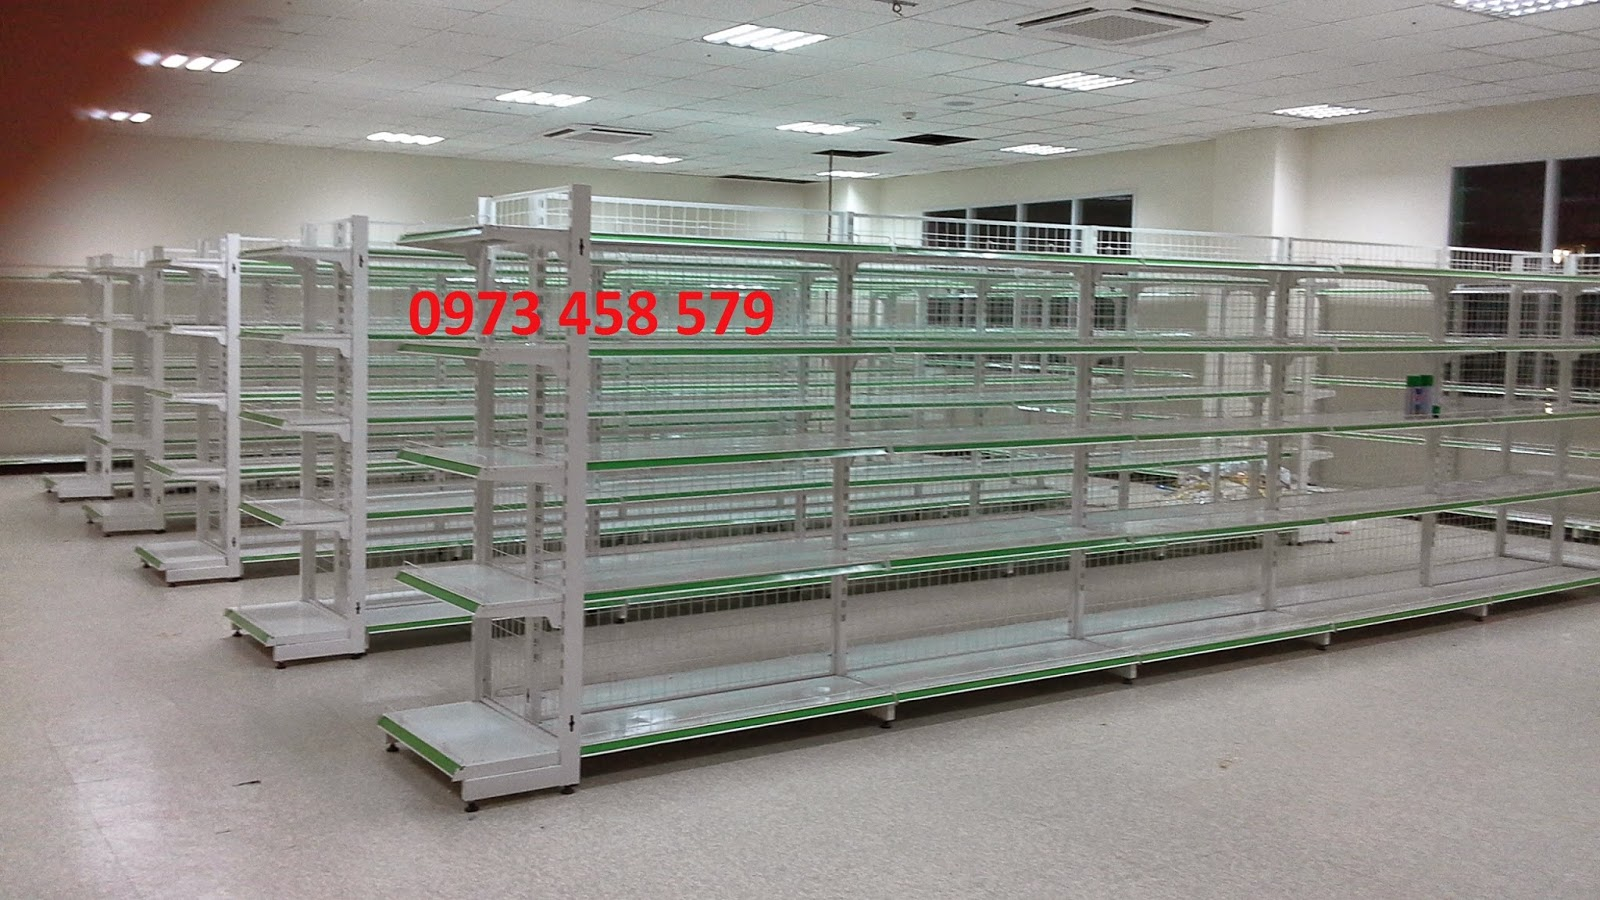 kệ siêu thị giá rẻ